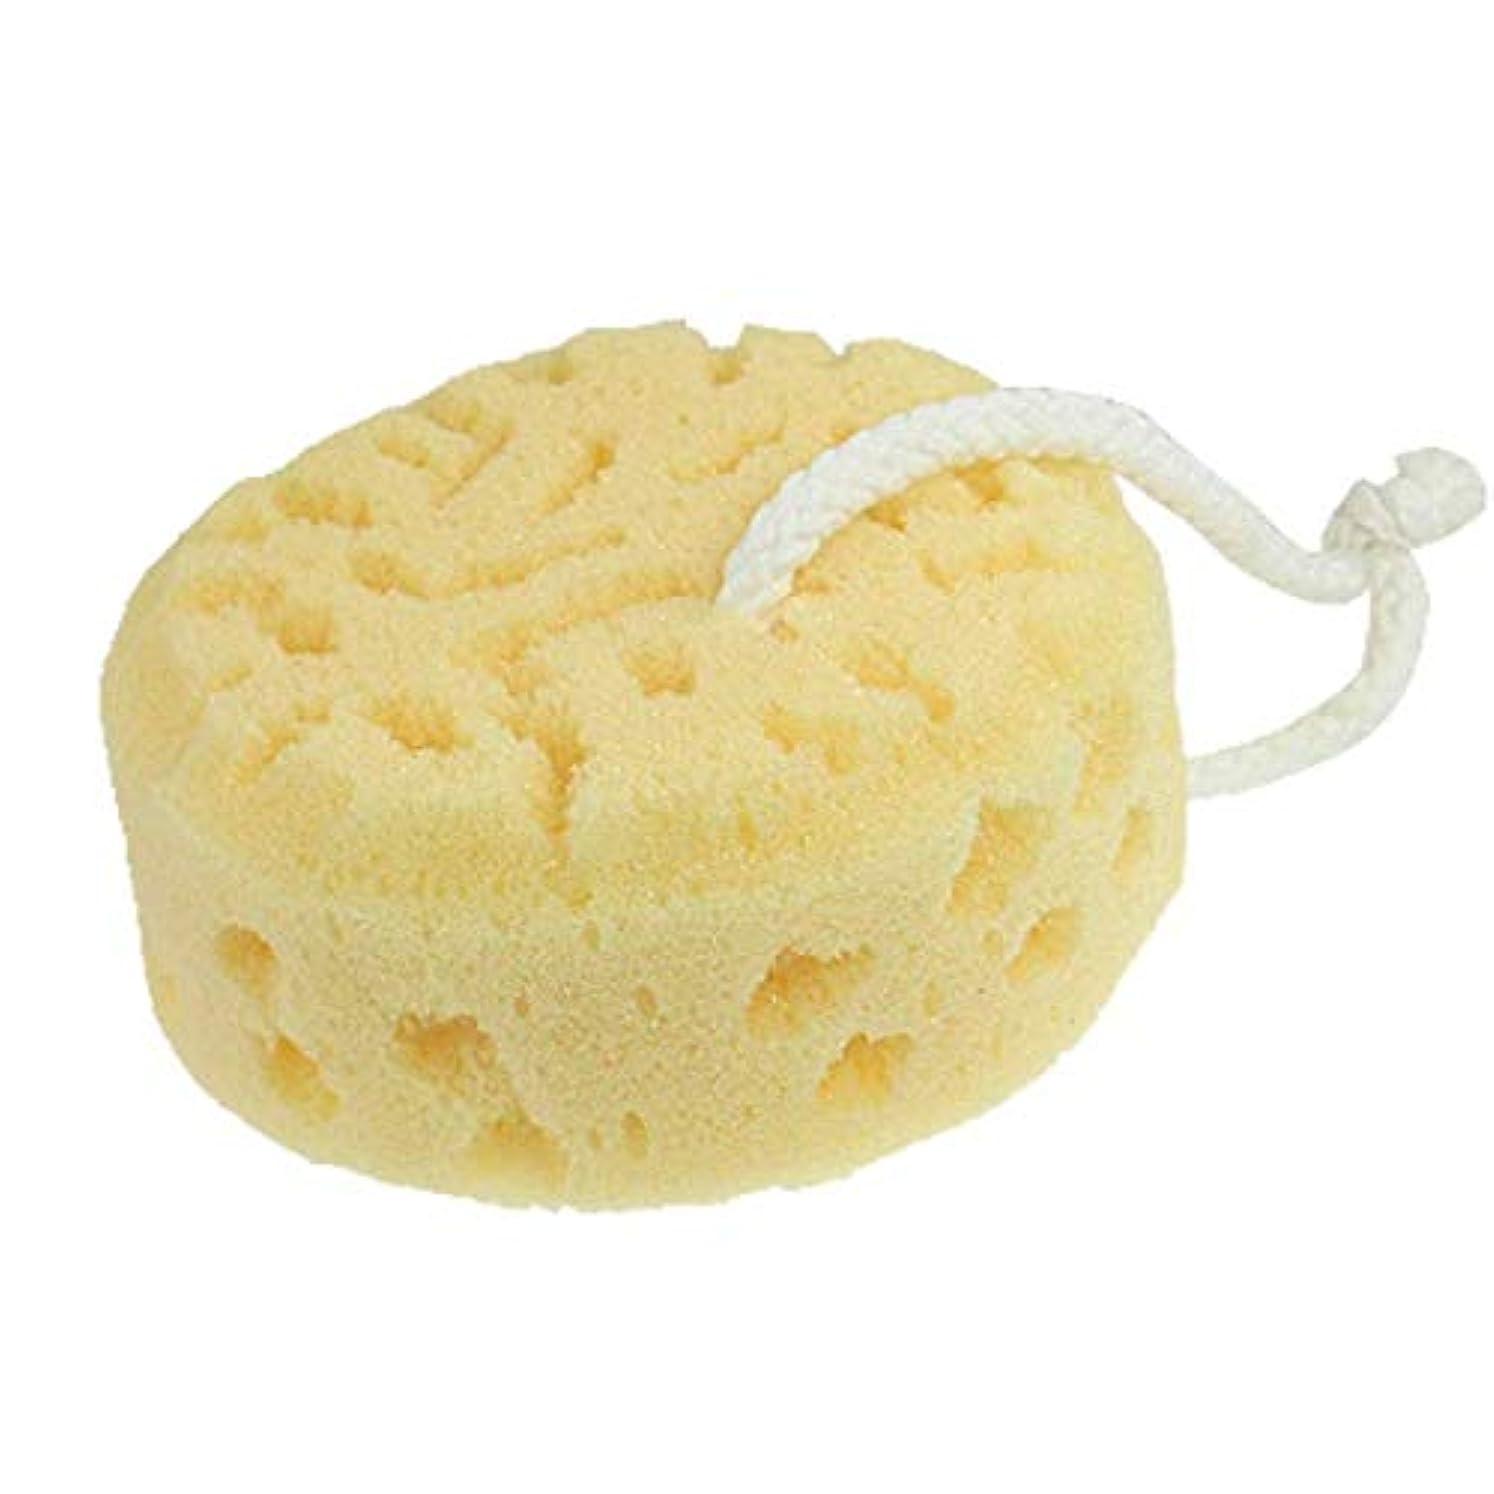 驚いた時々時々肉のUotyle ボディスポンジ 泡立ち ふわふわ お風呂用 ボディ用ブラシ 肌にやさしい 浴用スポンジ